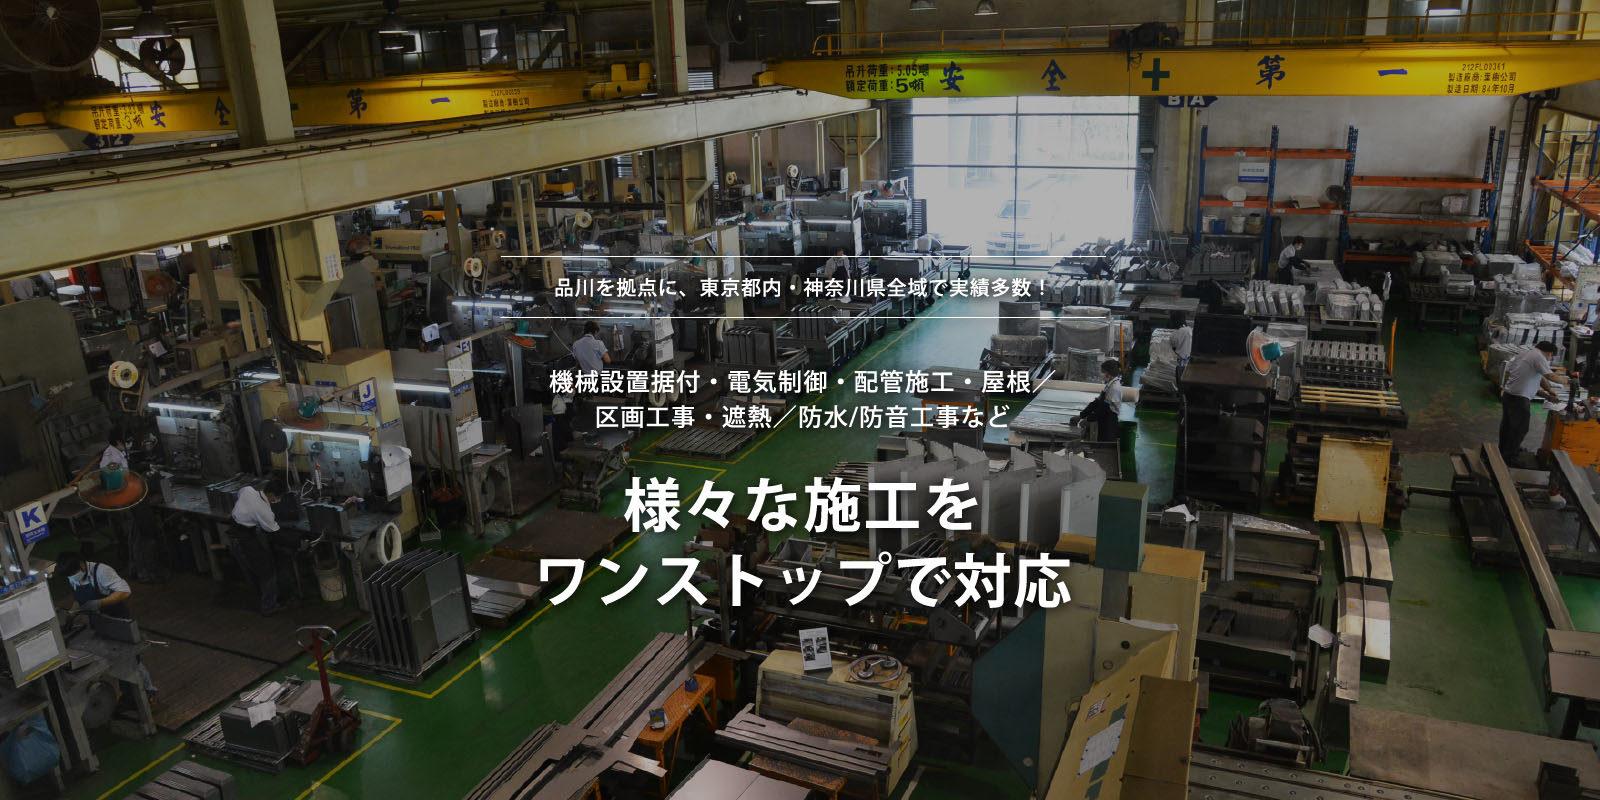 福岡市を拠点に、福岡県全域で実績多数! 機械設置据付・電気制御・配管施工・屋根/区画工事・遮熱/防水/防音工事など 工場の工事・営繕・修理・保全をワンストップで対応